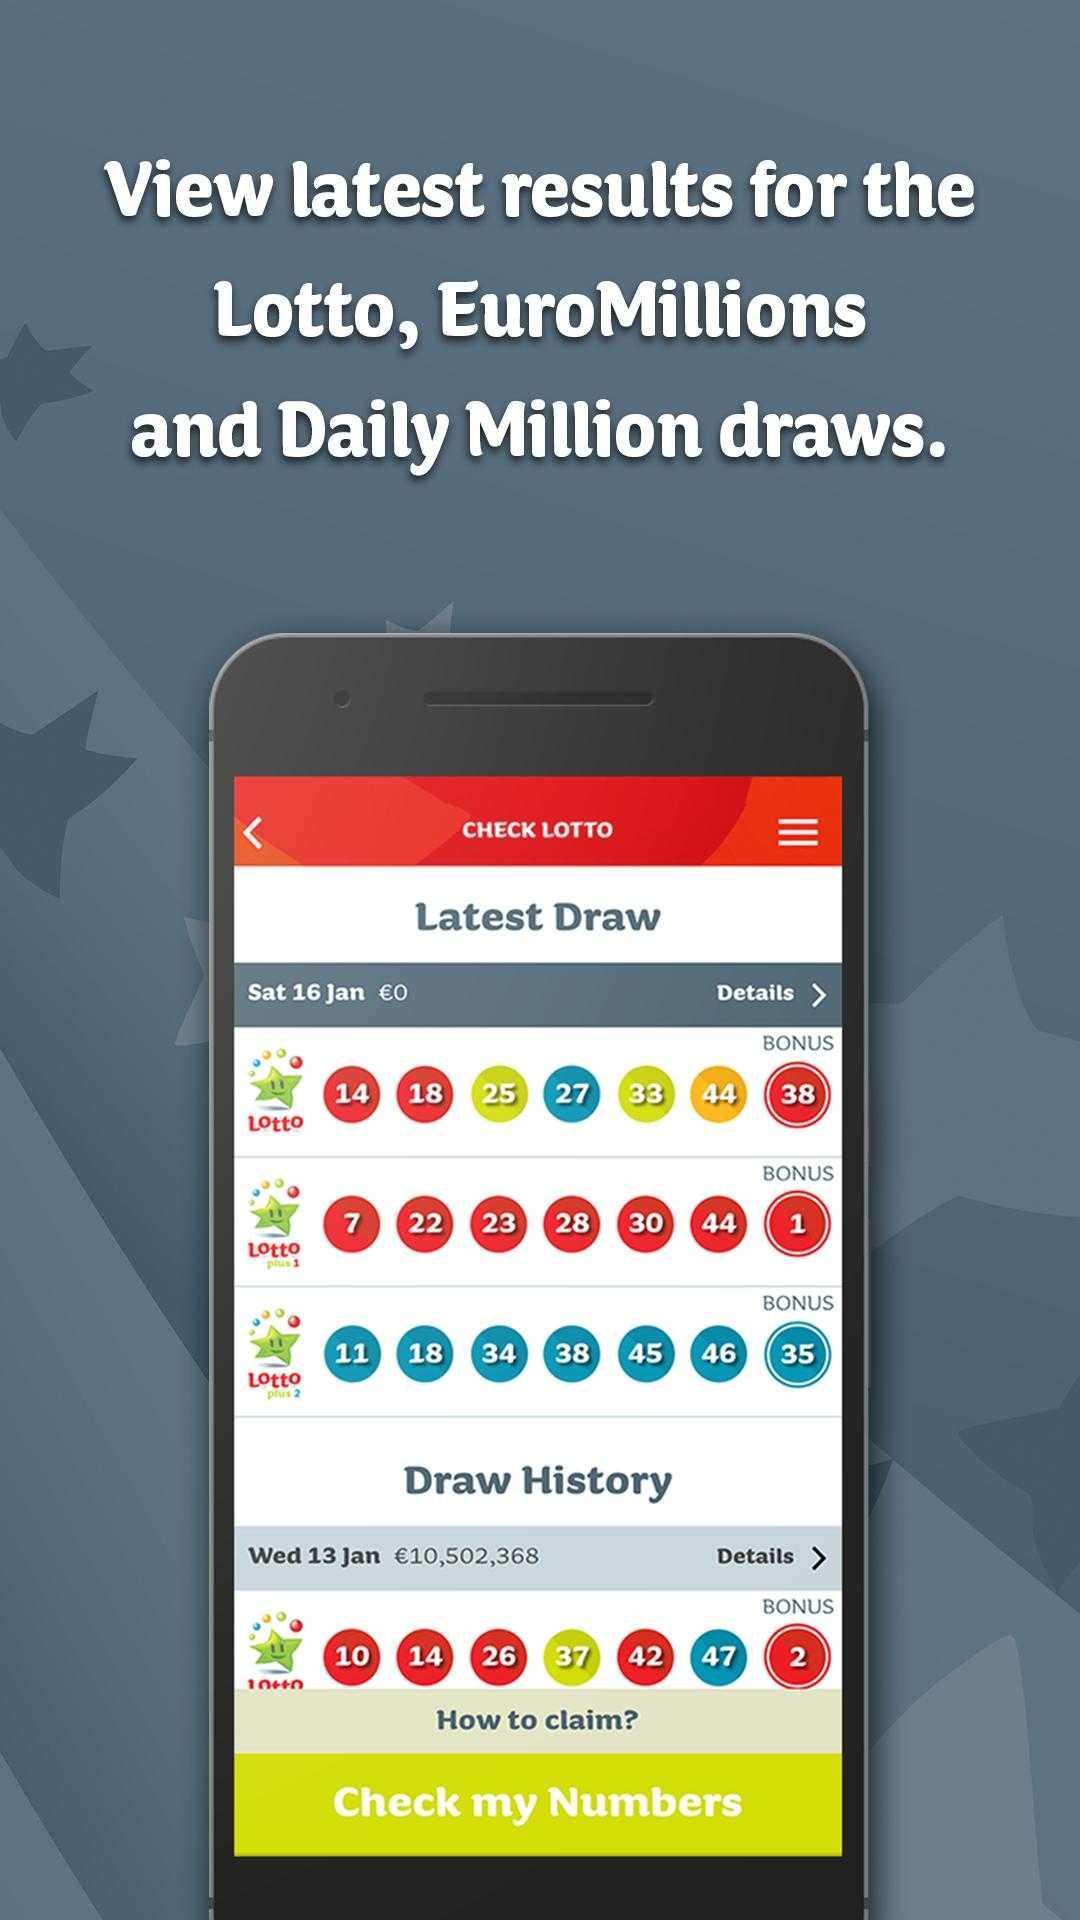 Online lotto spielen auf lottoland.at - lizenziert & prämiert